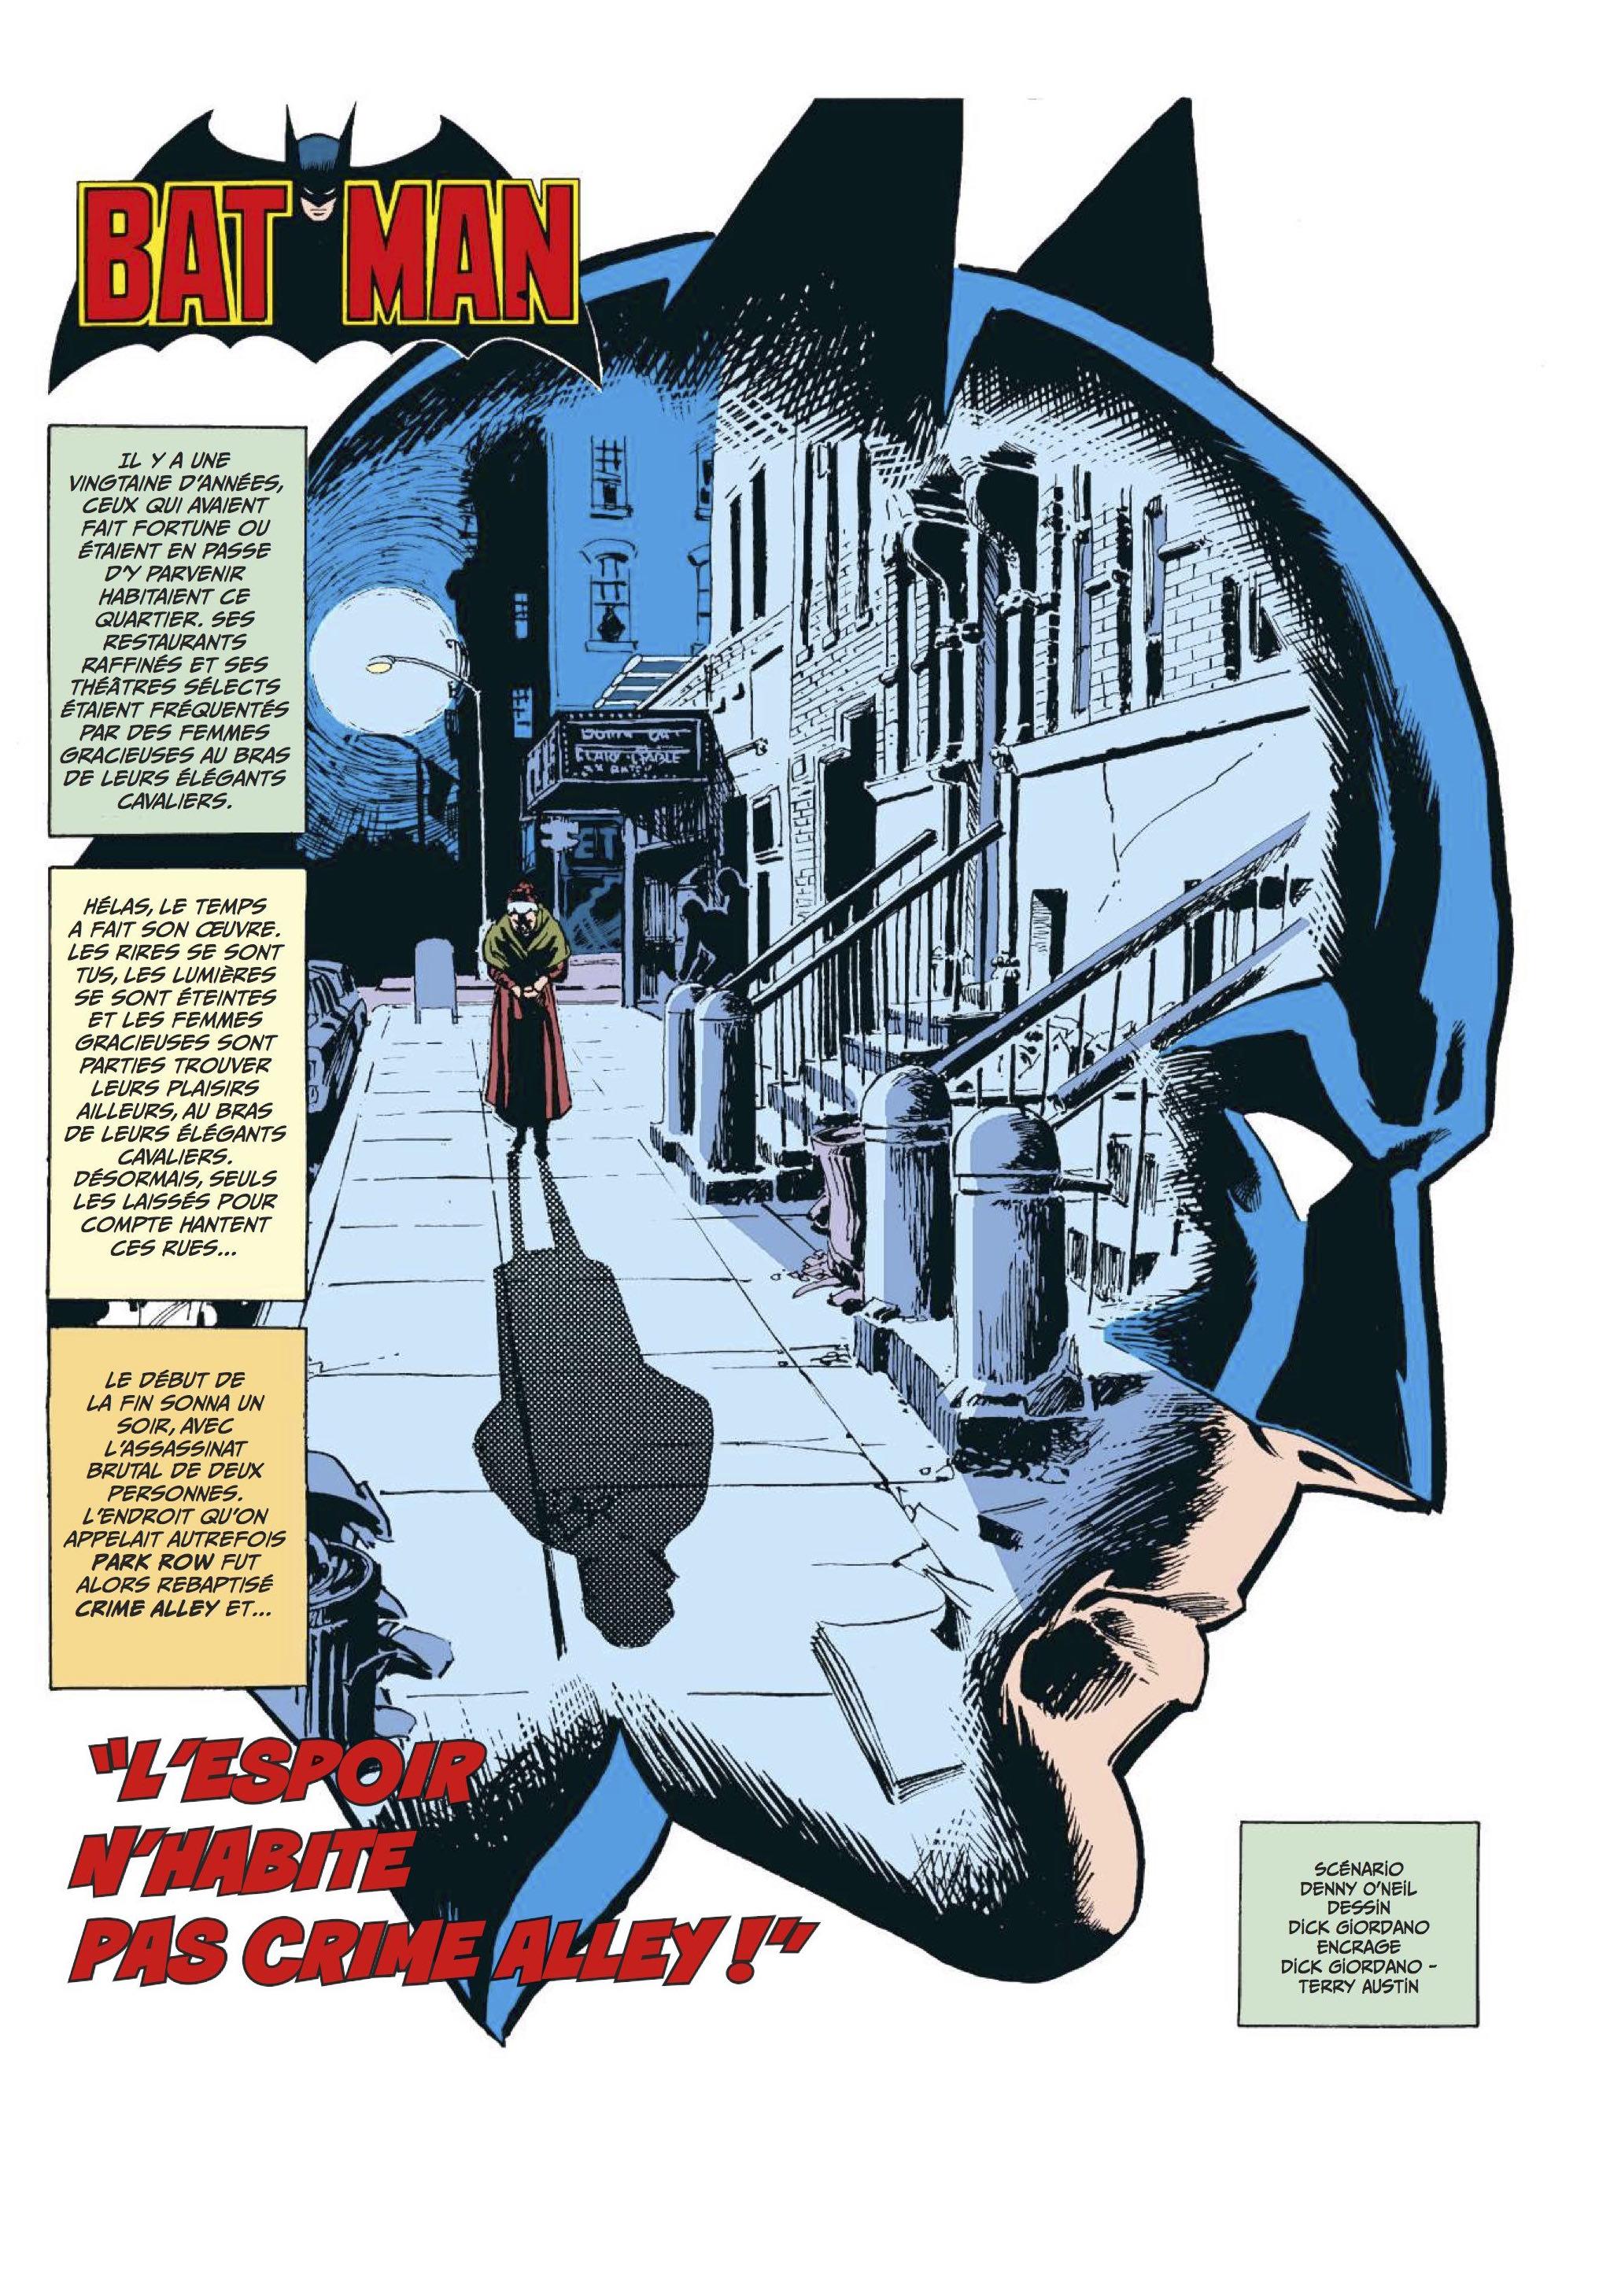 Batman 90 ans espoire Crime Alley